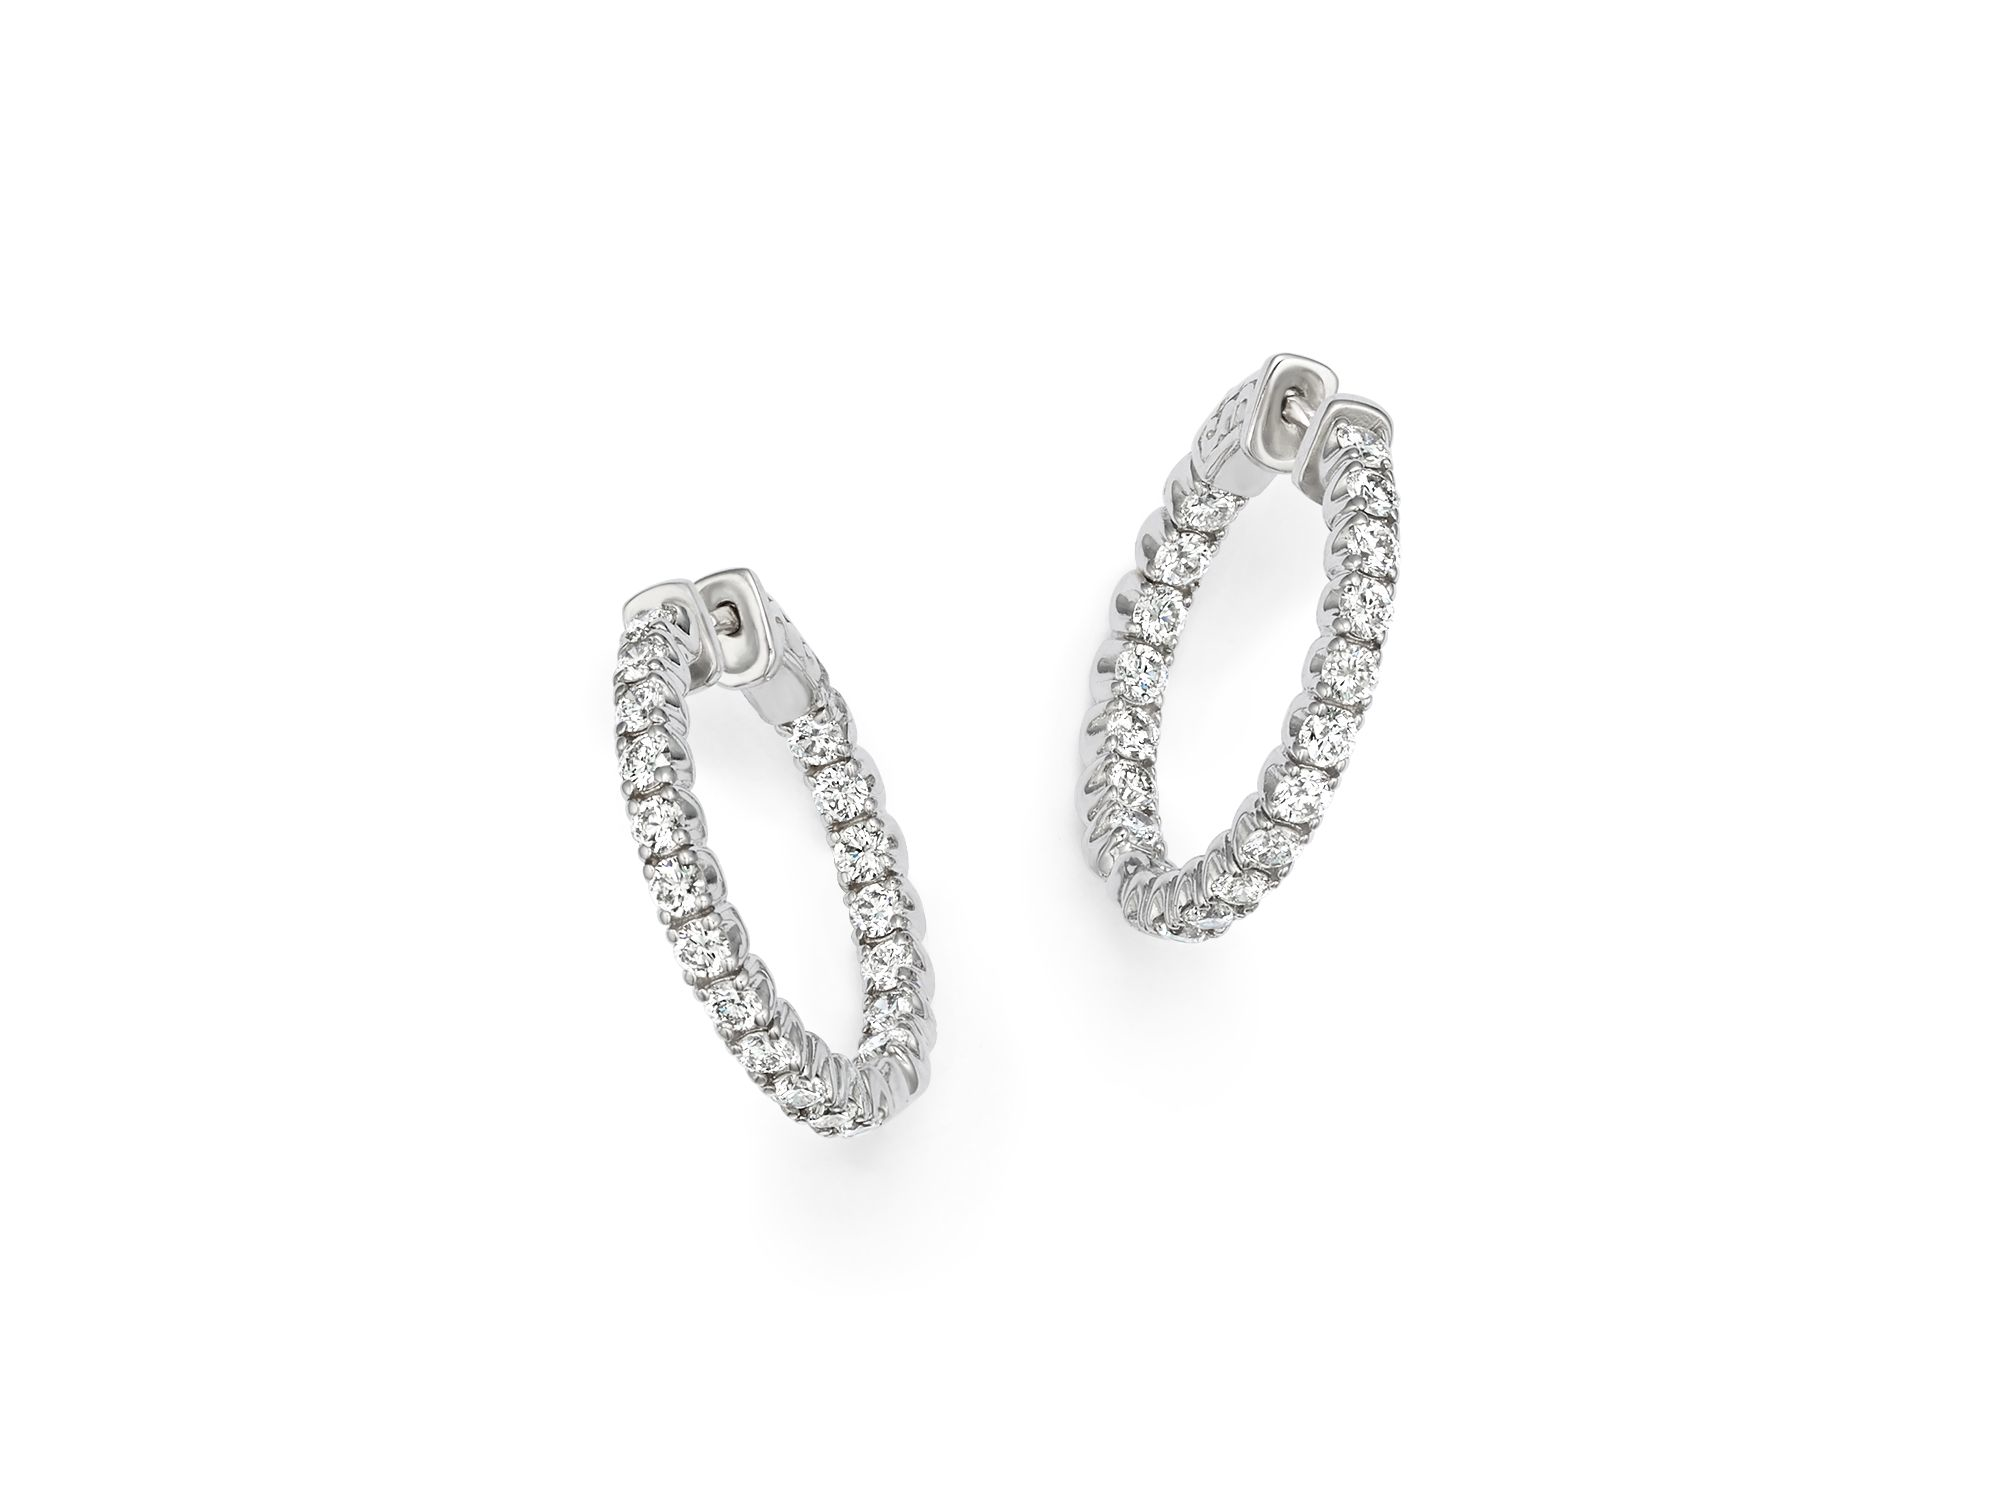 Kc designs Diamond Inside Out Hoop Earrings In 14k White Gold in